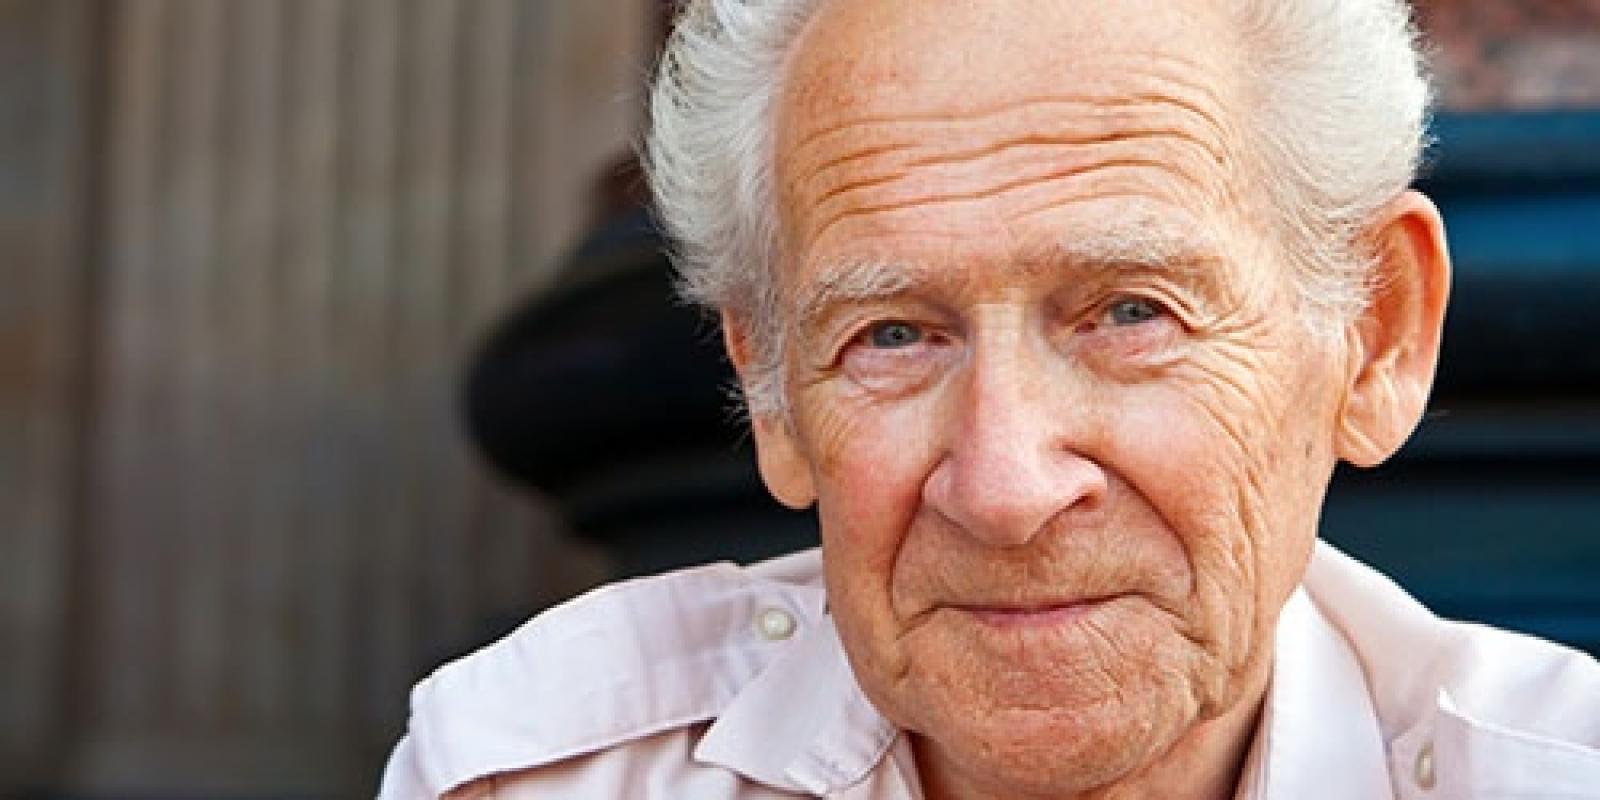 Для съемки студенческой короткометражки, нужен дедушка - возраст от 60 до 70